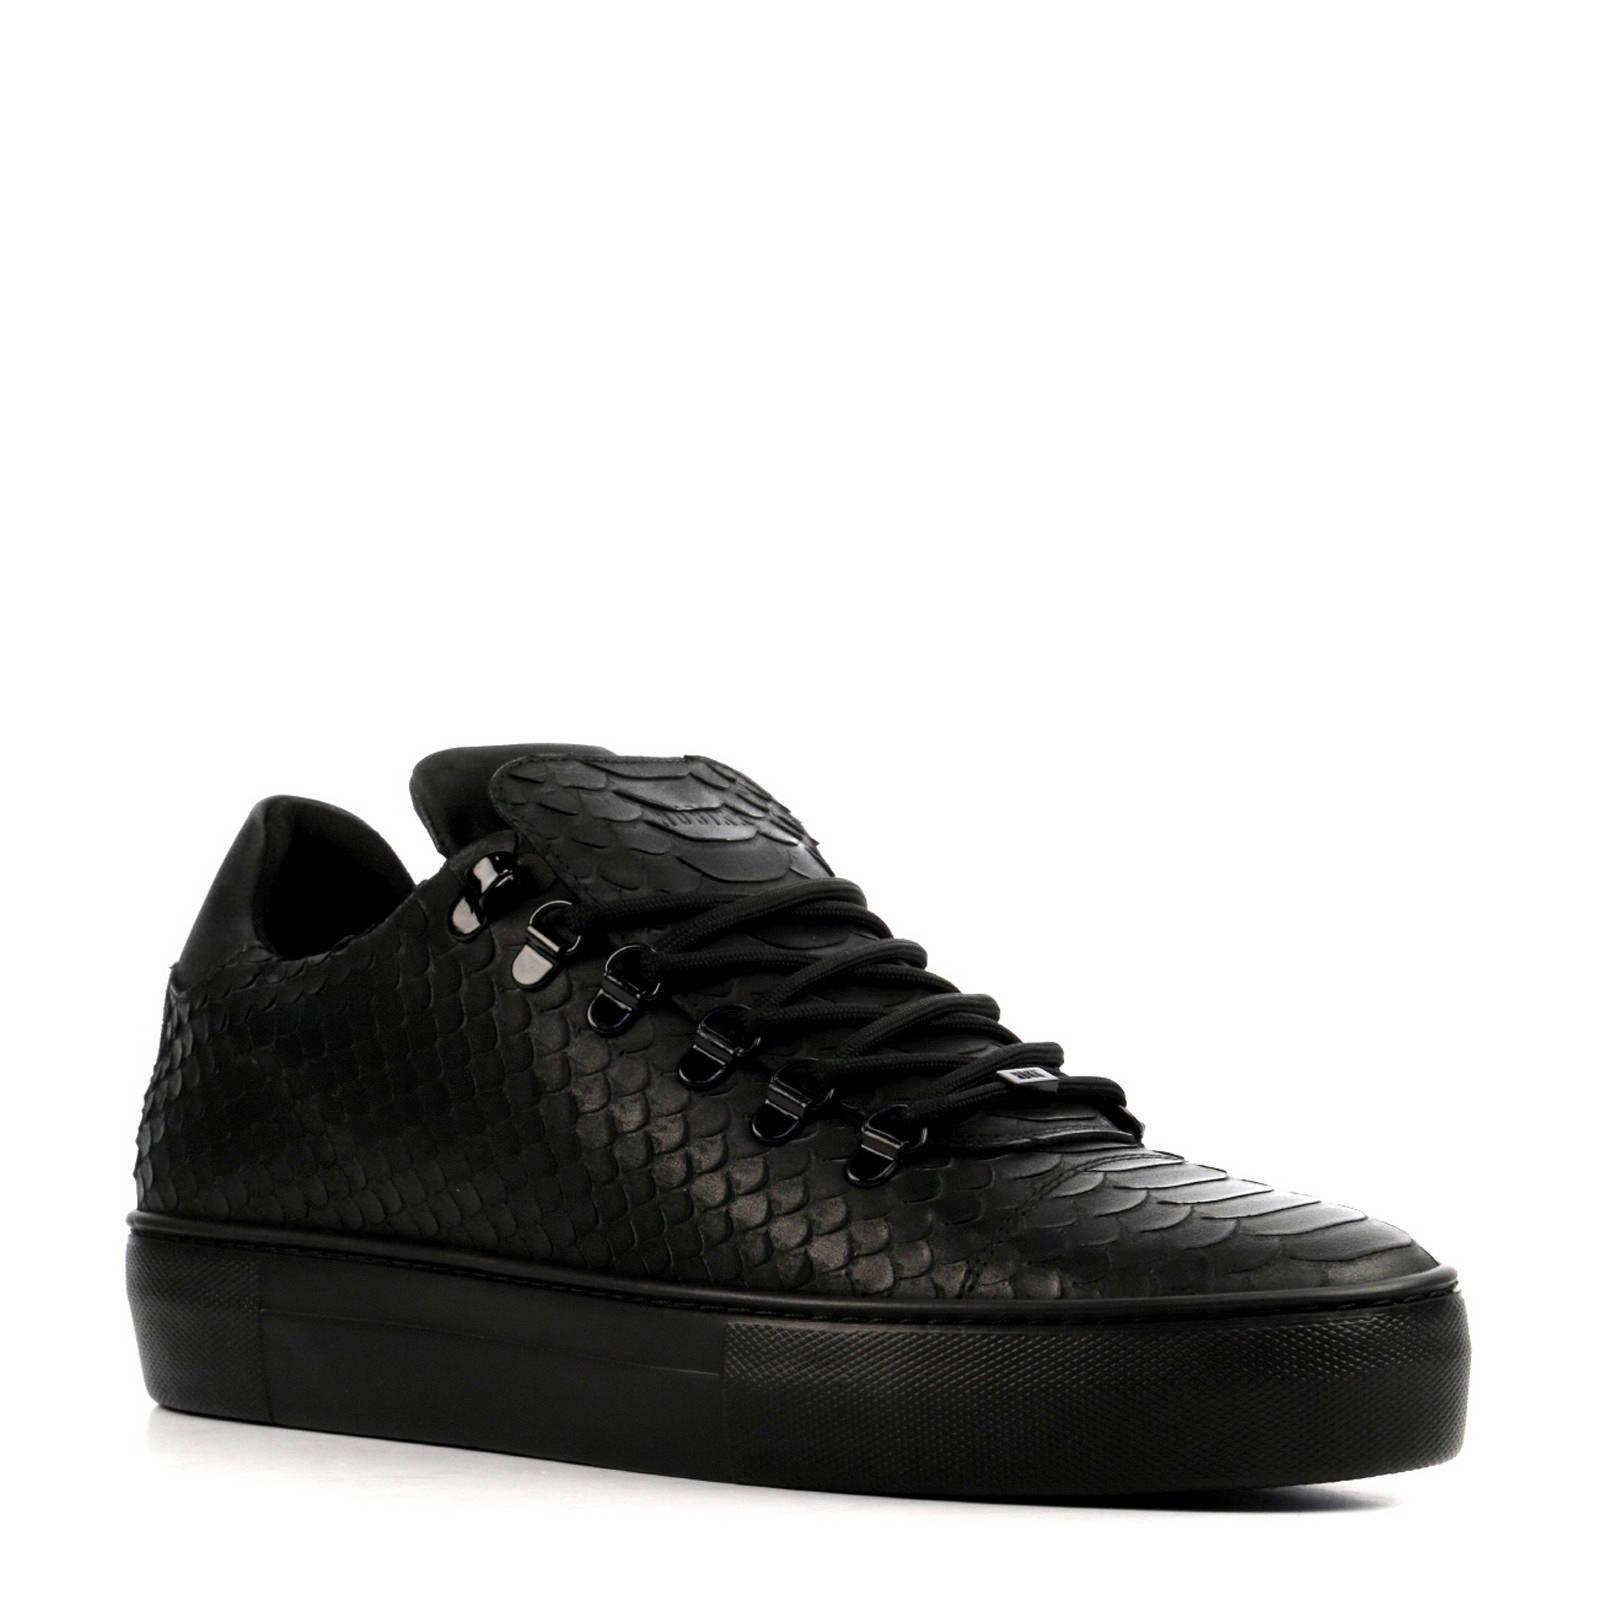 de09cd7eeed Sneakers Zwart Nubikk Leren Python Wehkamp Jagger qHAp1nwt6